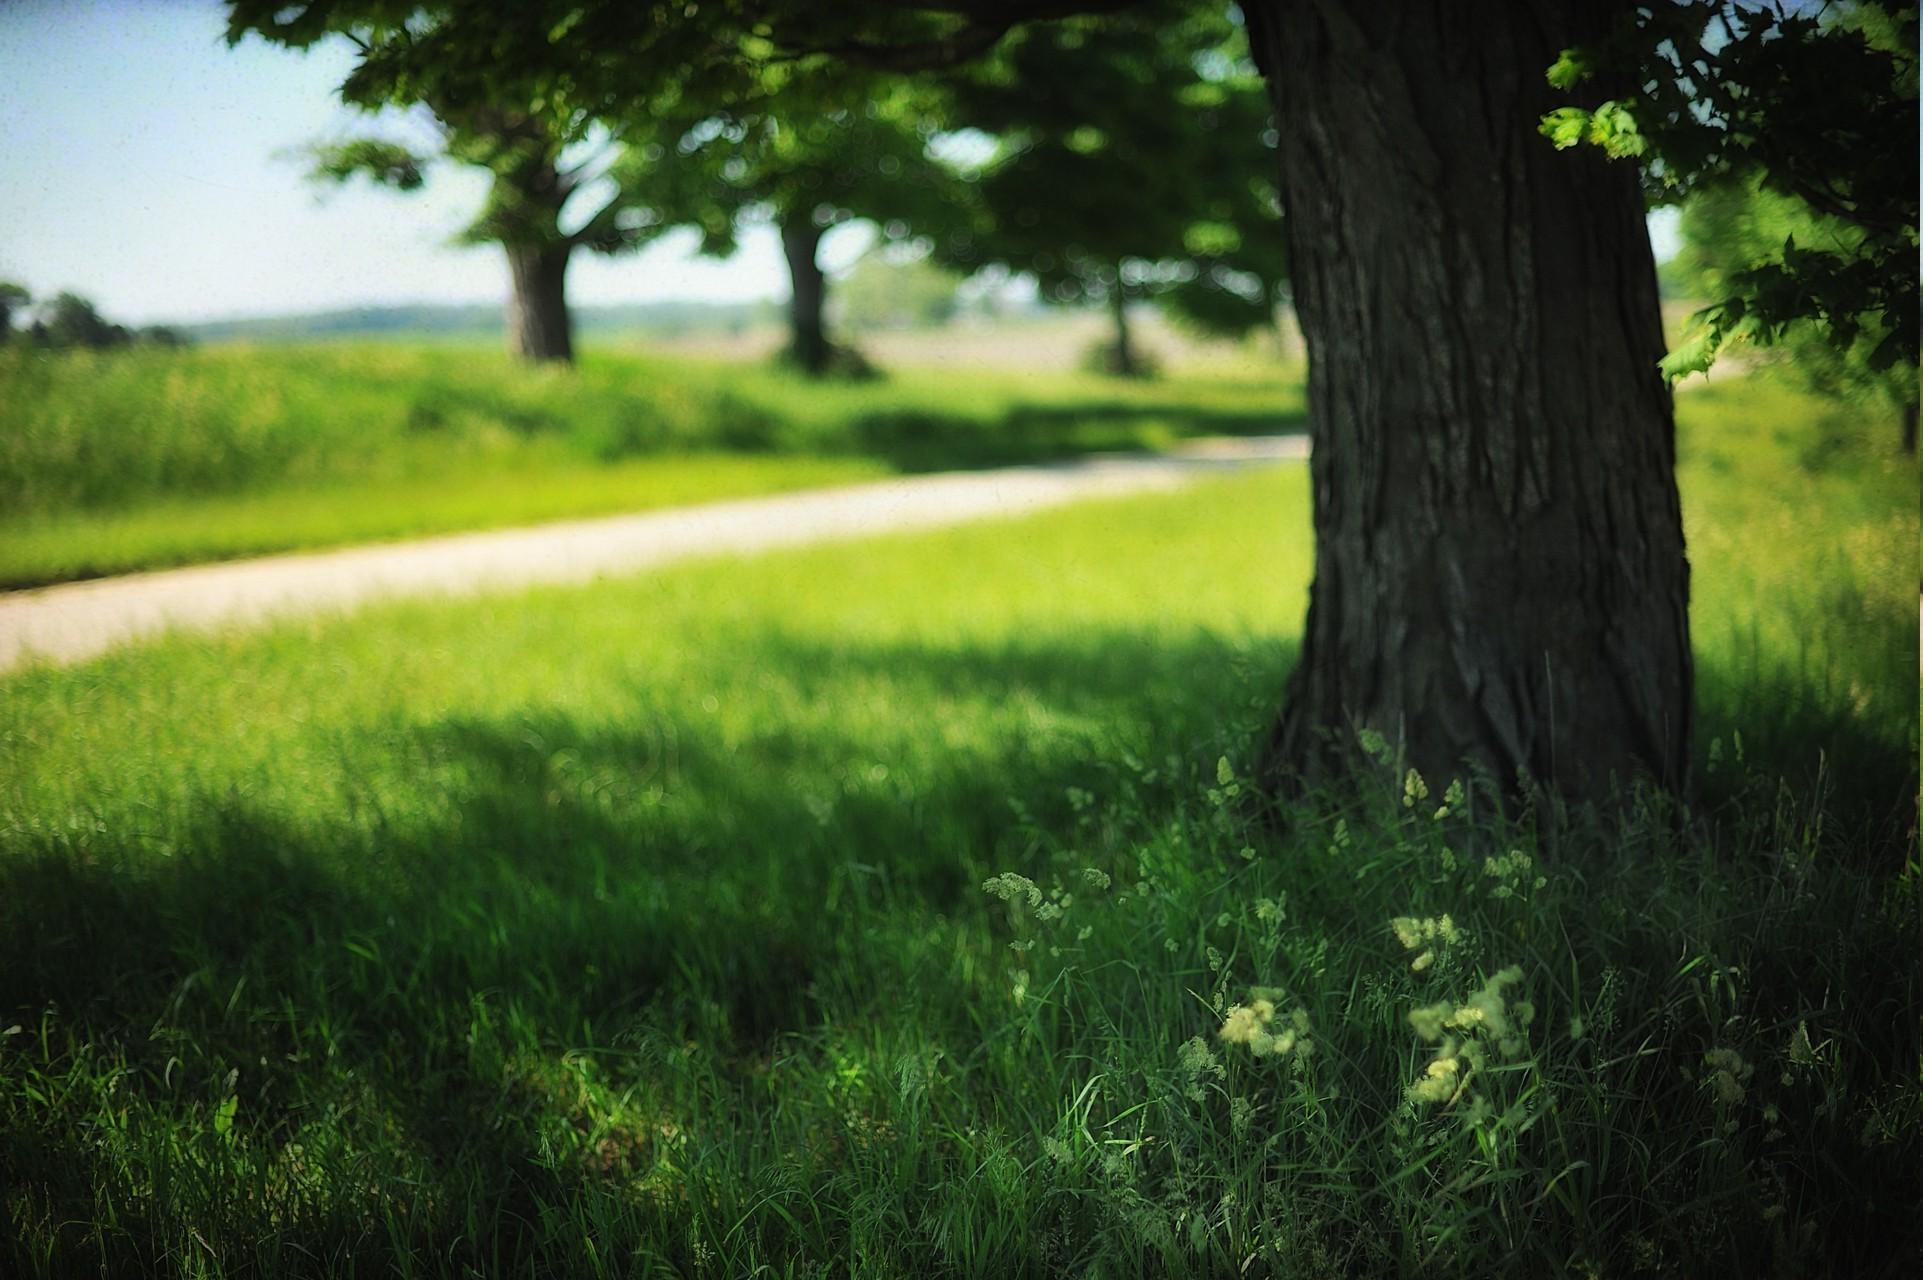 1923x1280, Landscape, Field, Trees, Grass, Summer, - Grass - HD Wallpaper